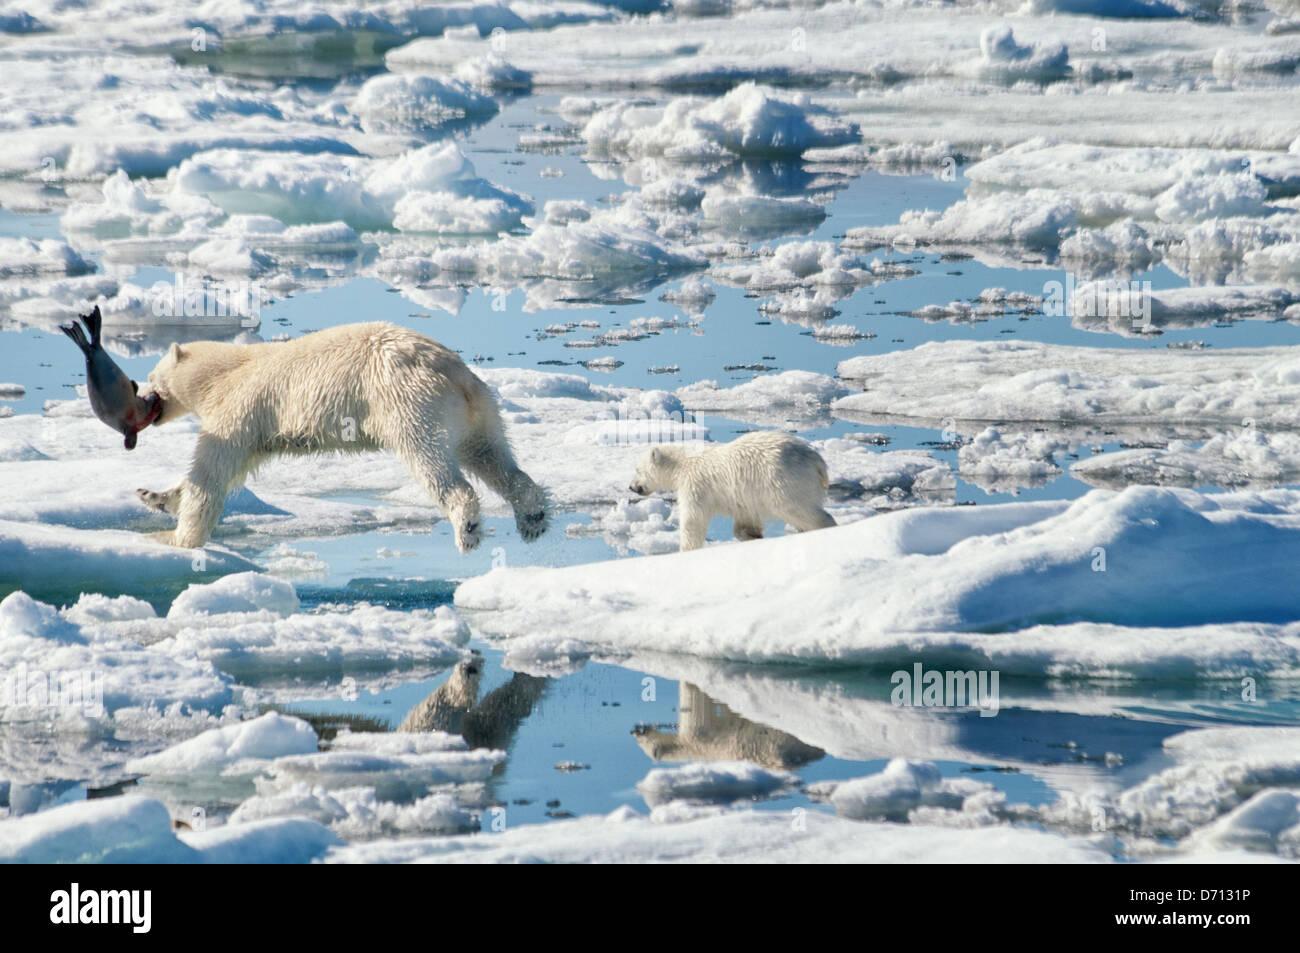 #6 in una serie di immagini di una madre orso polare, Ursus maritimus, stalking una guarnizione per sfamare la sua Immagini Stock